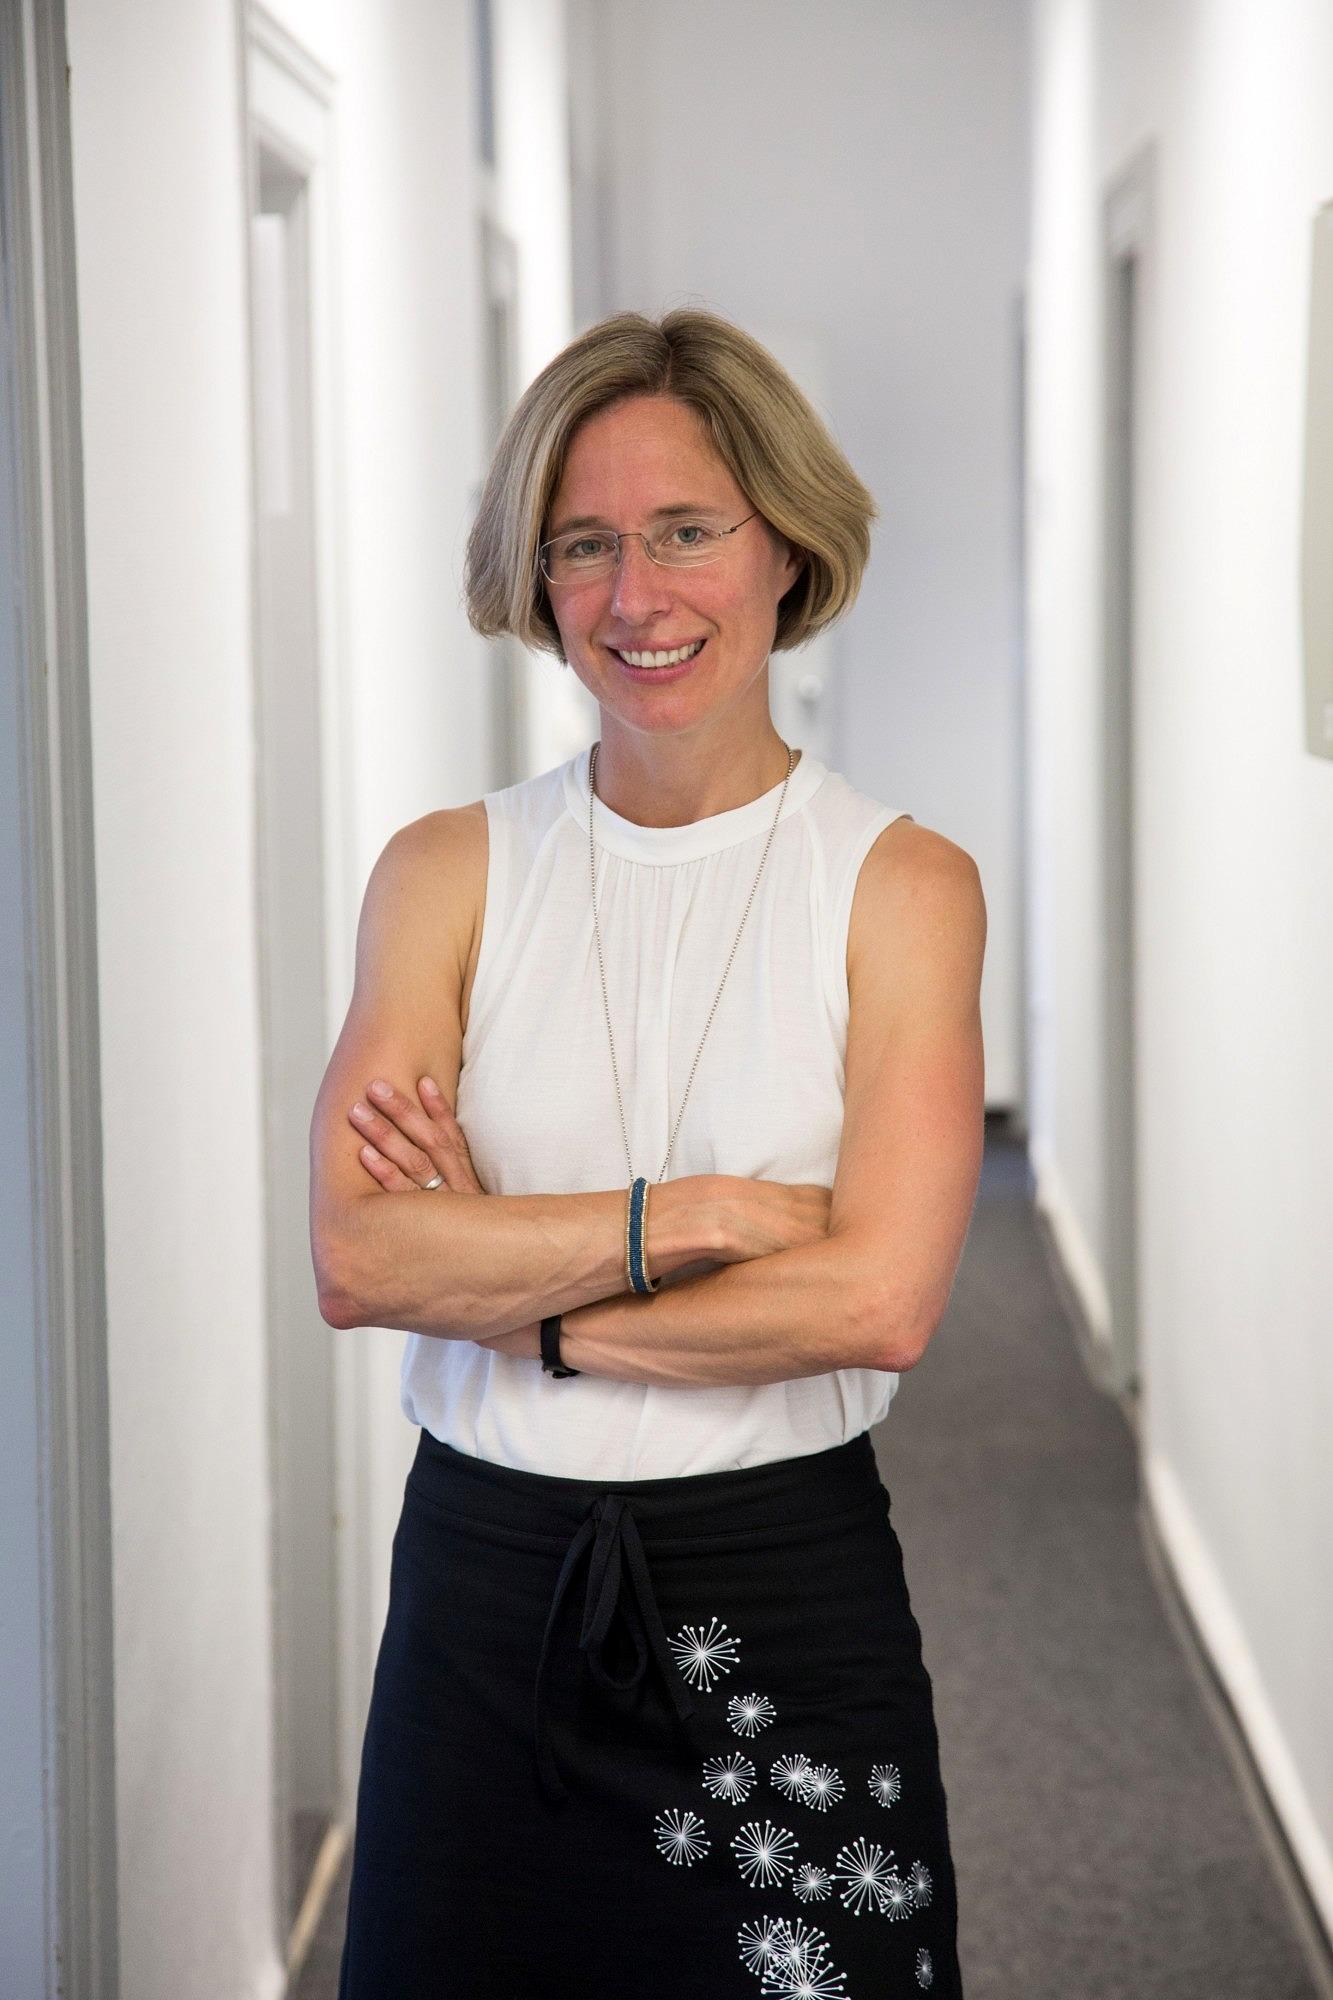 Hanna Eglinger